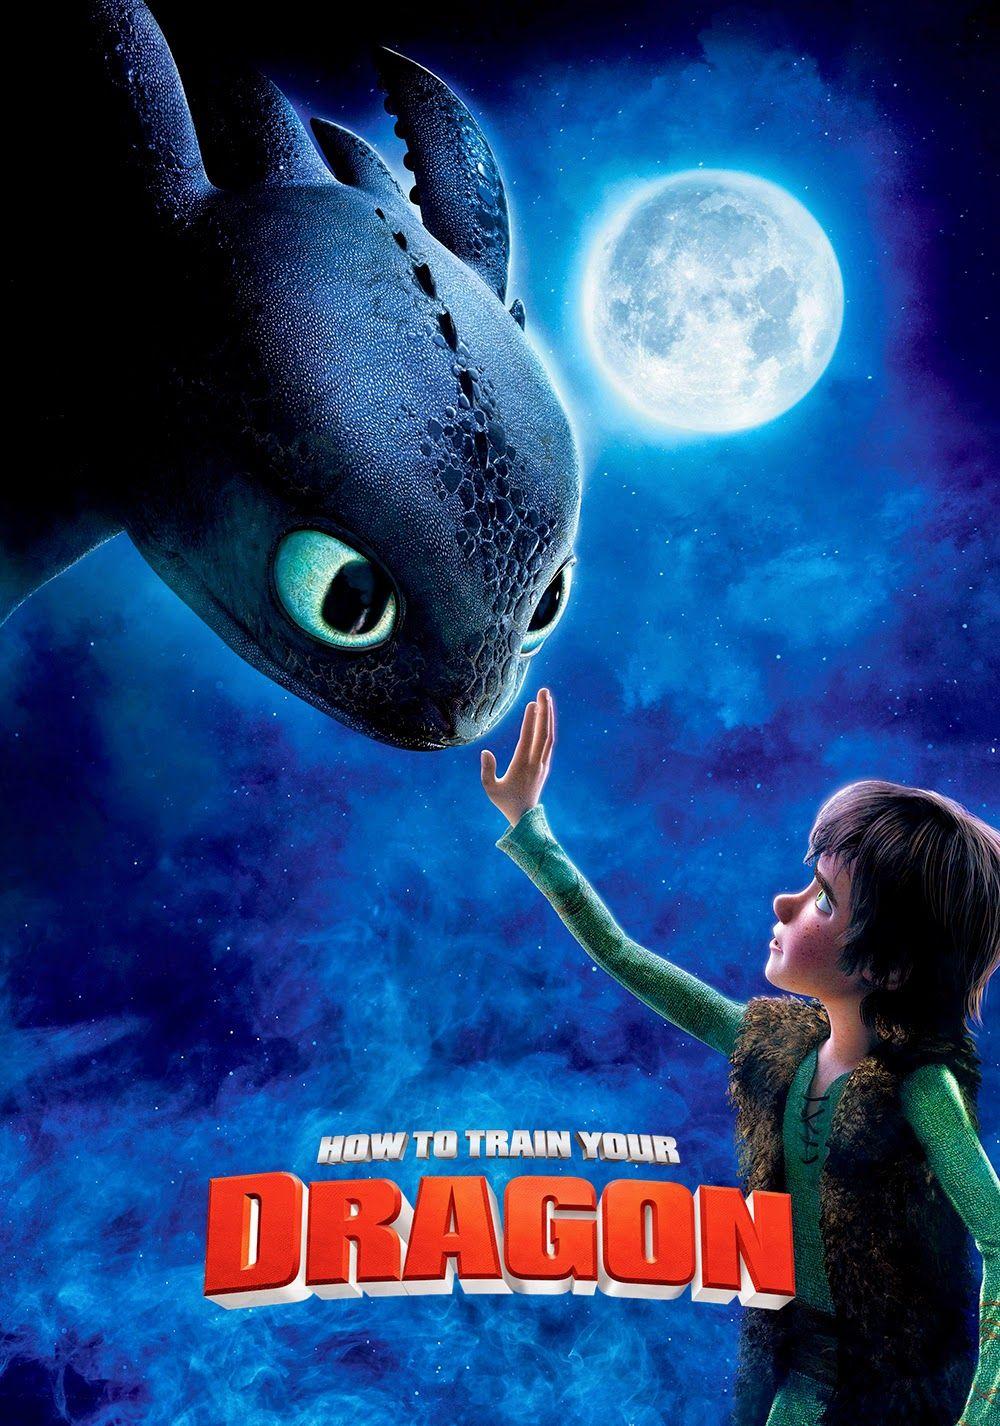 How To Train Your Dragon 52e51b103a03e Jpg 1000 1426 Dragon Pelicula Entrenando A Tu Dragon Como Entrenar A Tu Dragon